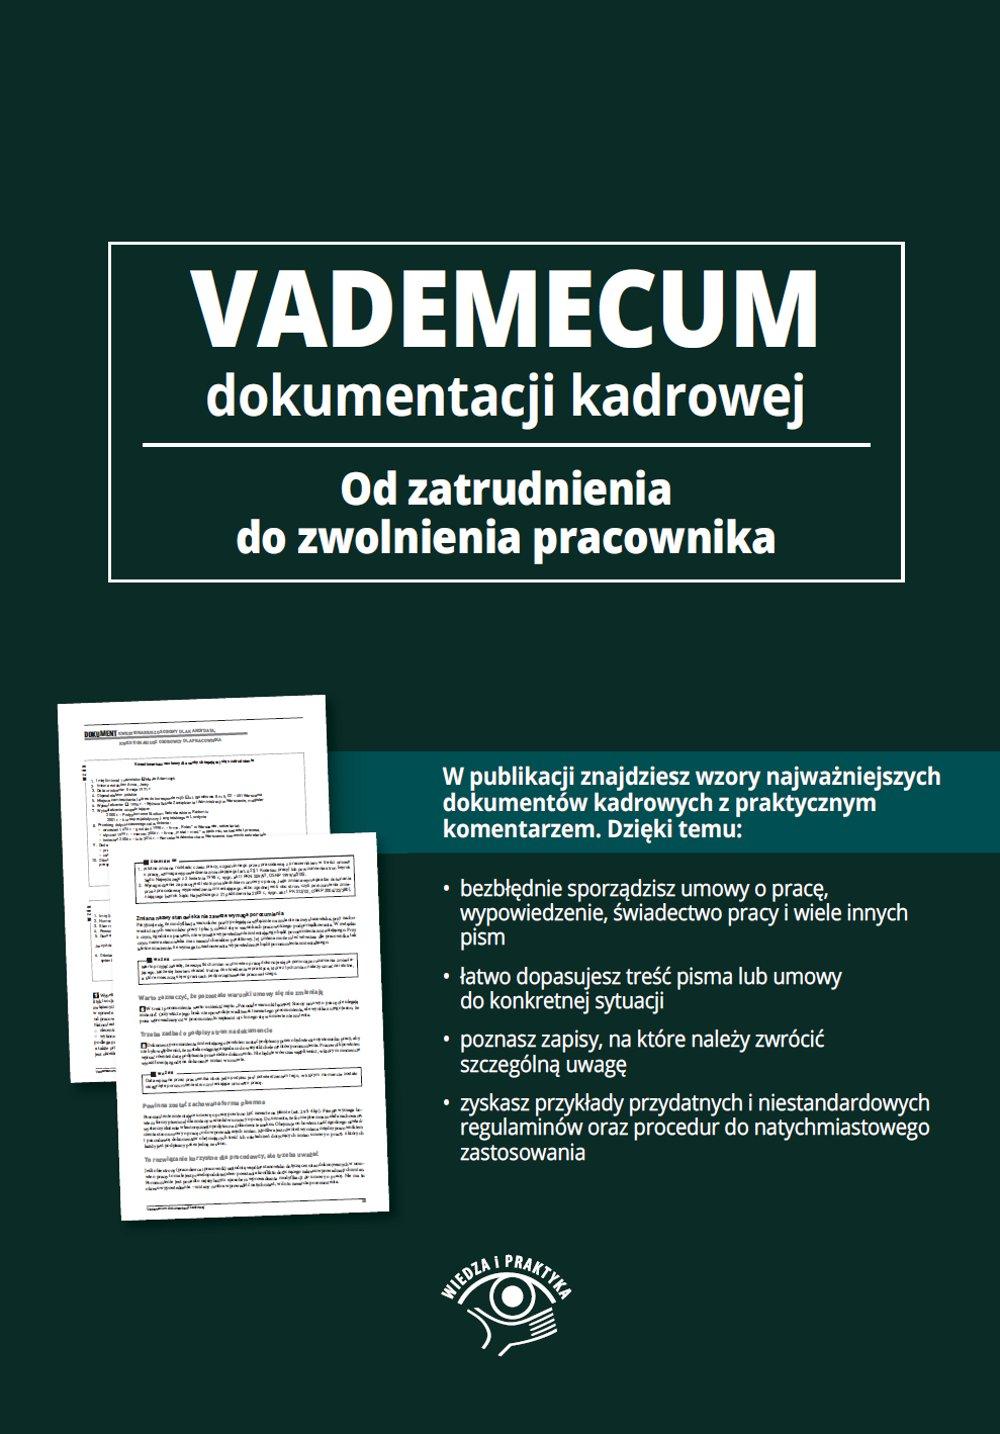 Vademecum dokumentacji kadrowej - od zatrudnienia do zwolnienia pracownika - Ebook (Książka PDF) do pobrania w formacie PDF